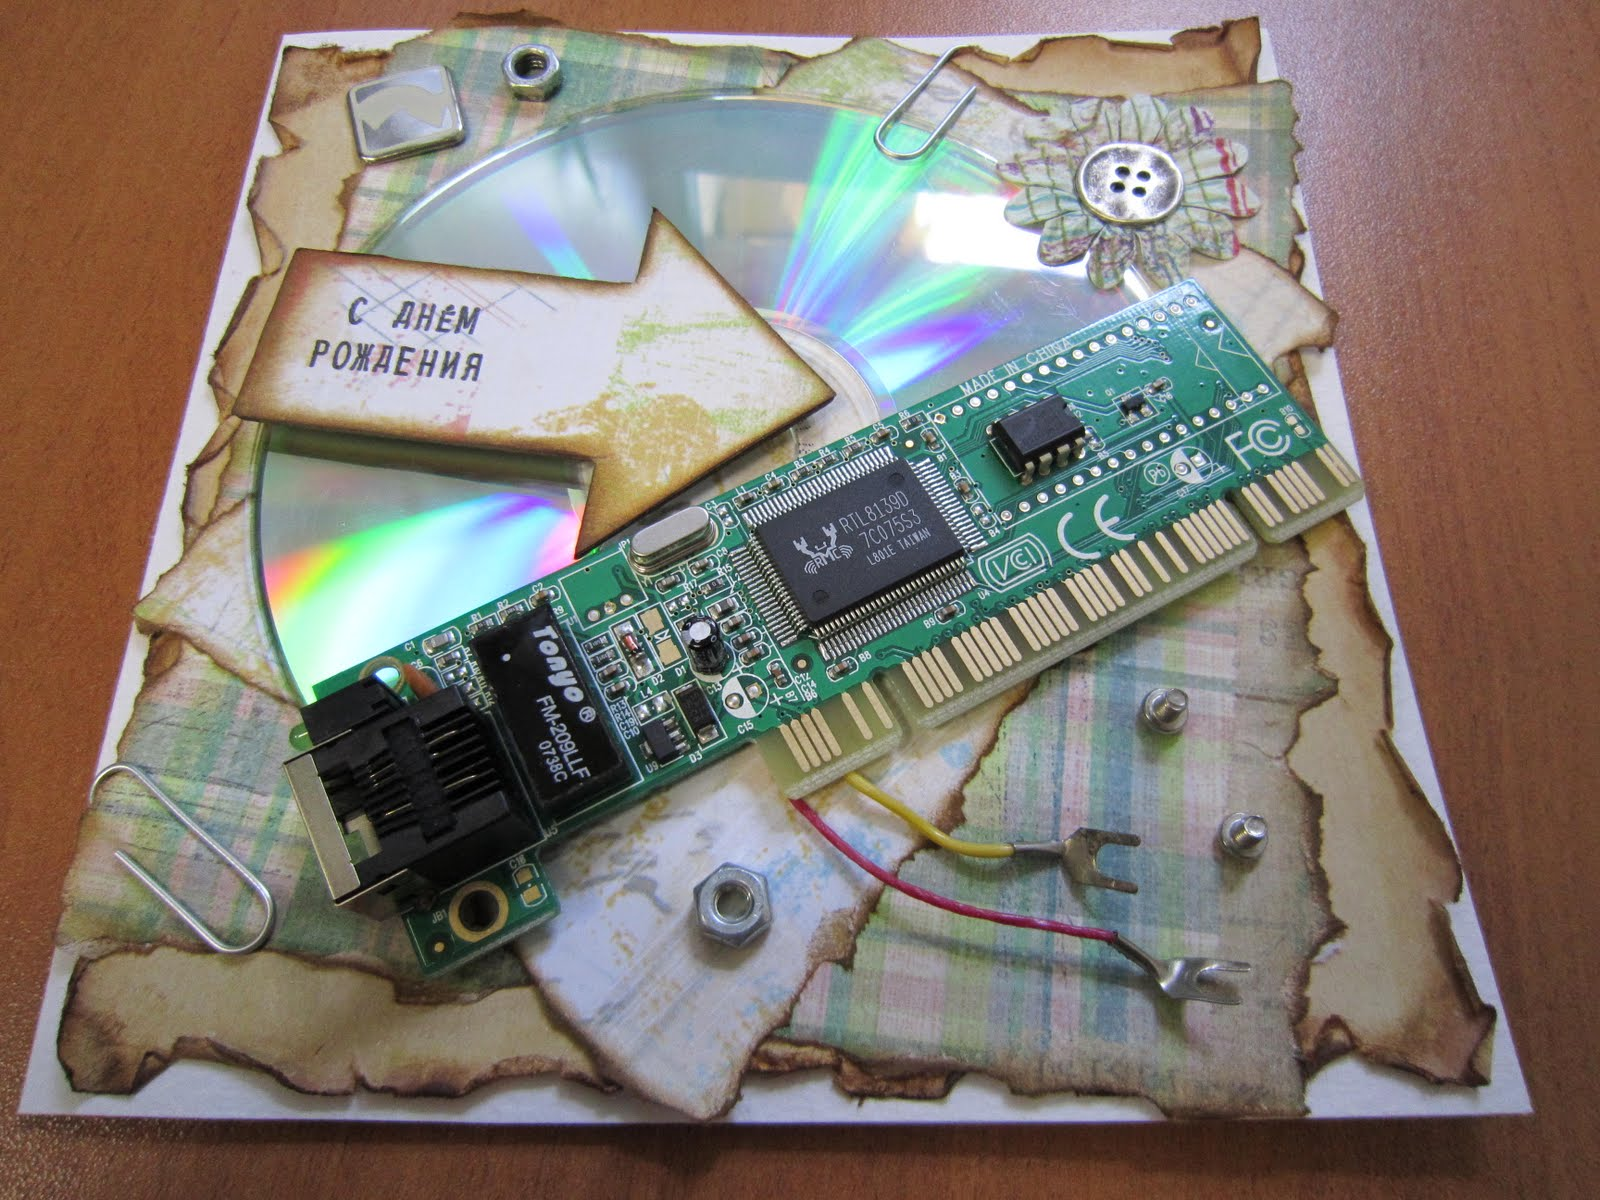 С днем рождения программист поздравительные открытки. Картинки С днем 40